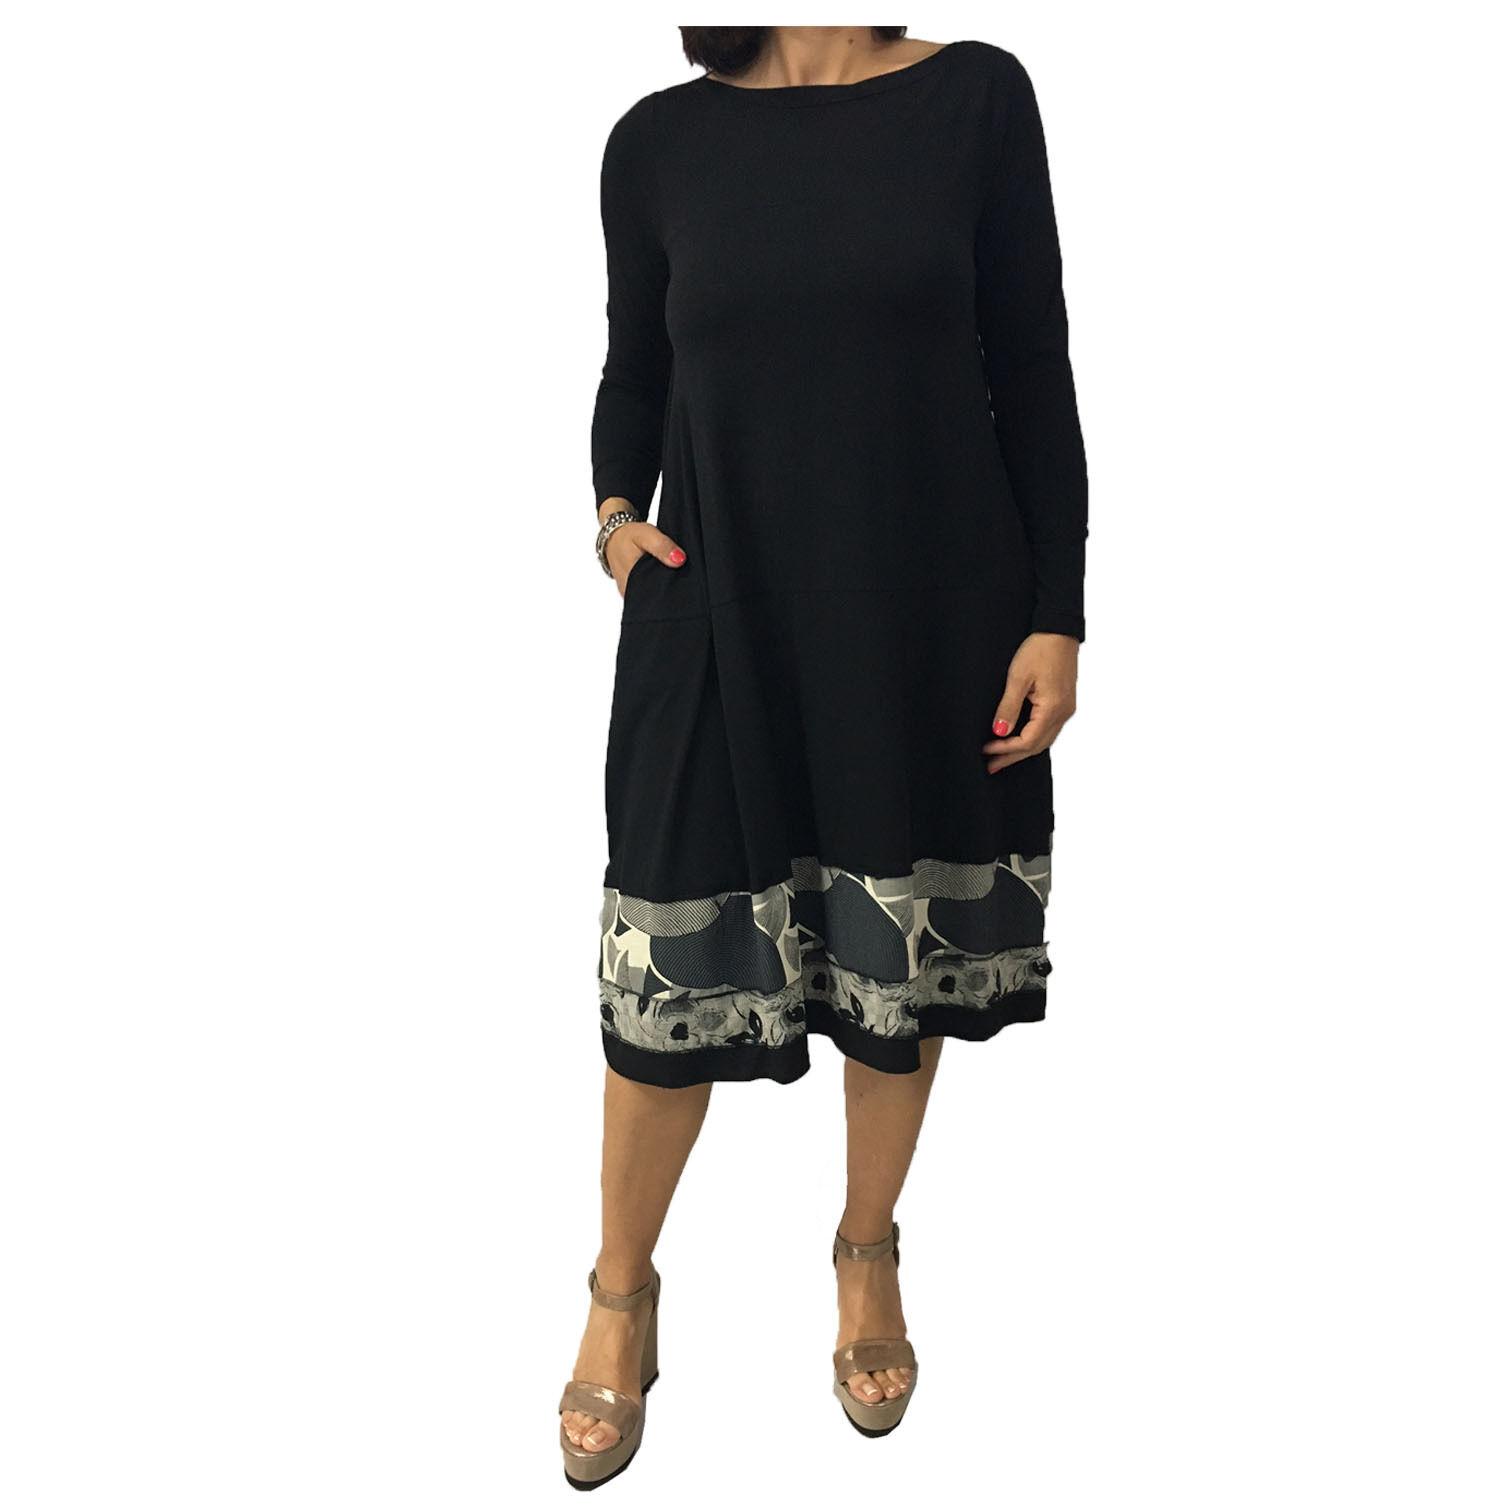 TADASHI Kleid Frau lange Ärmel schwarz Einsätze Fantasie MADE IN ITALY